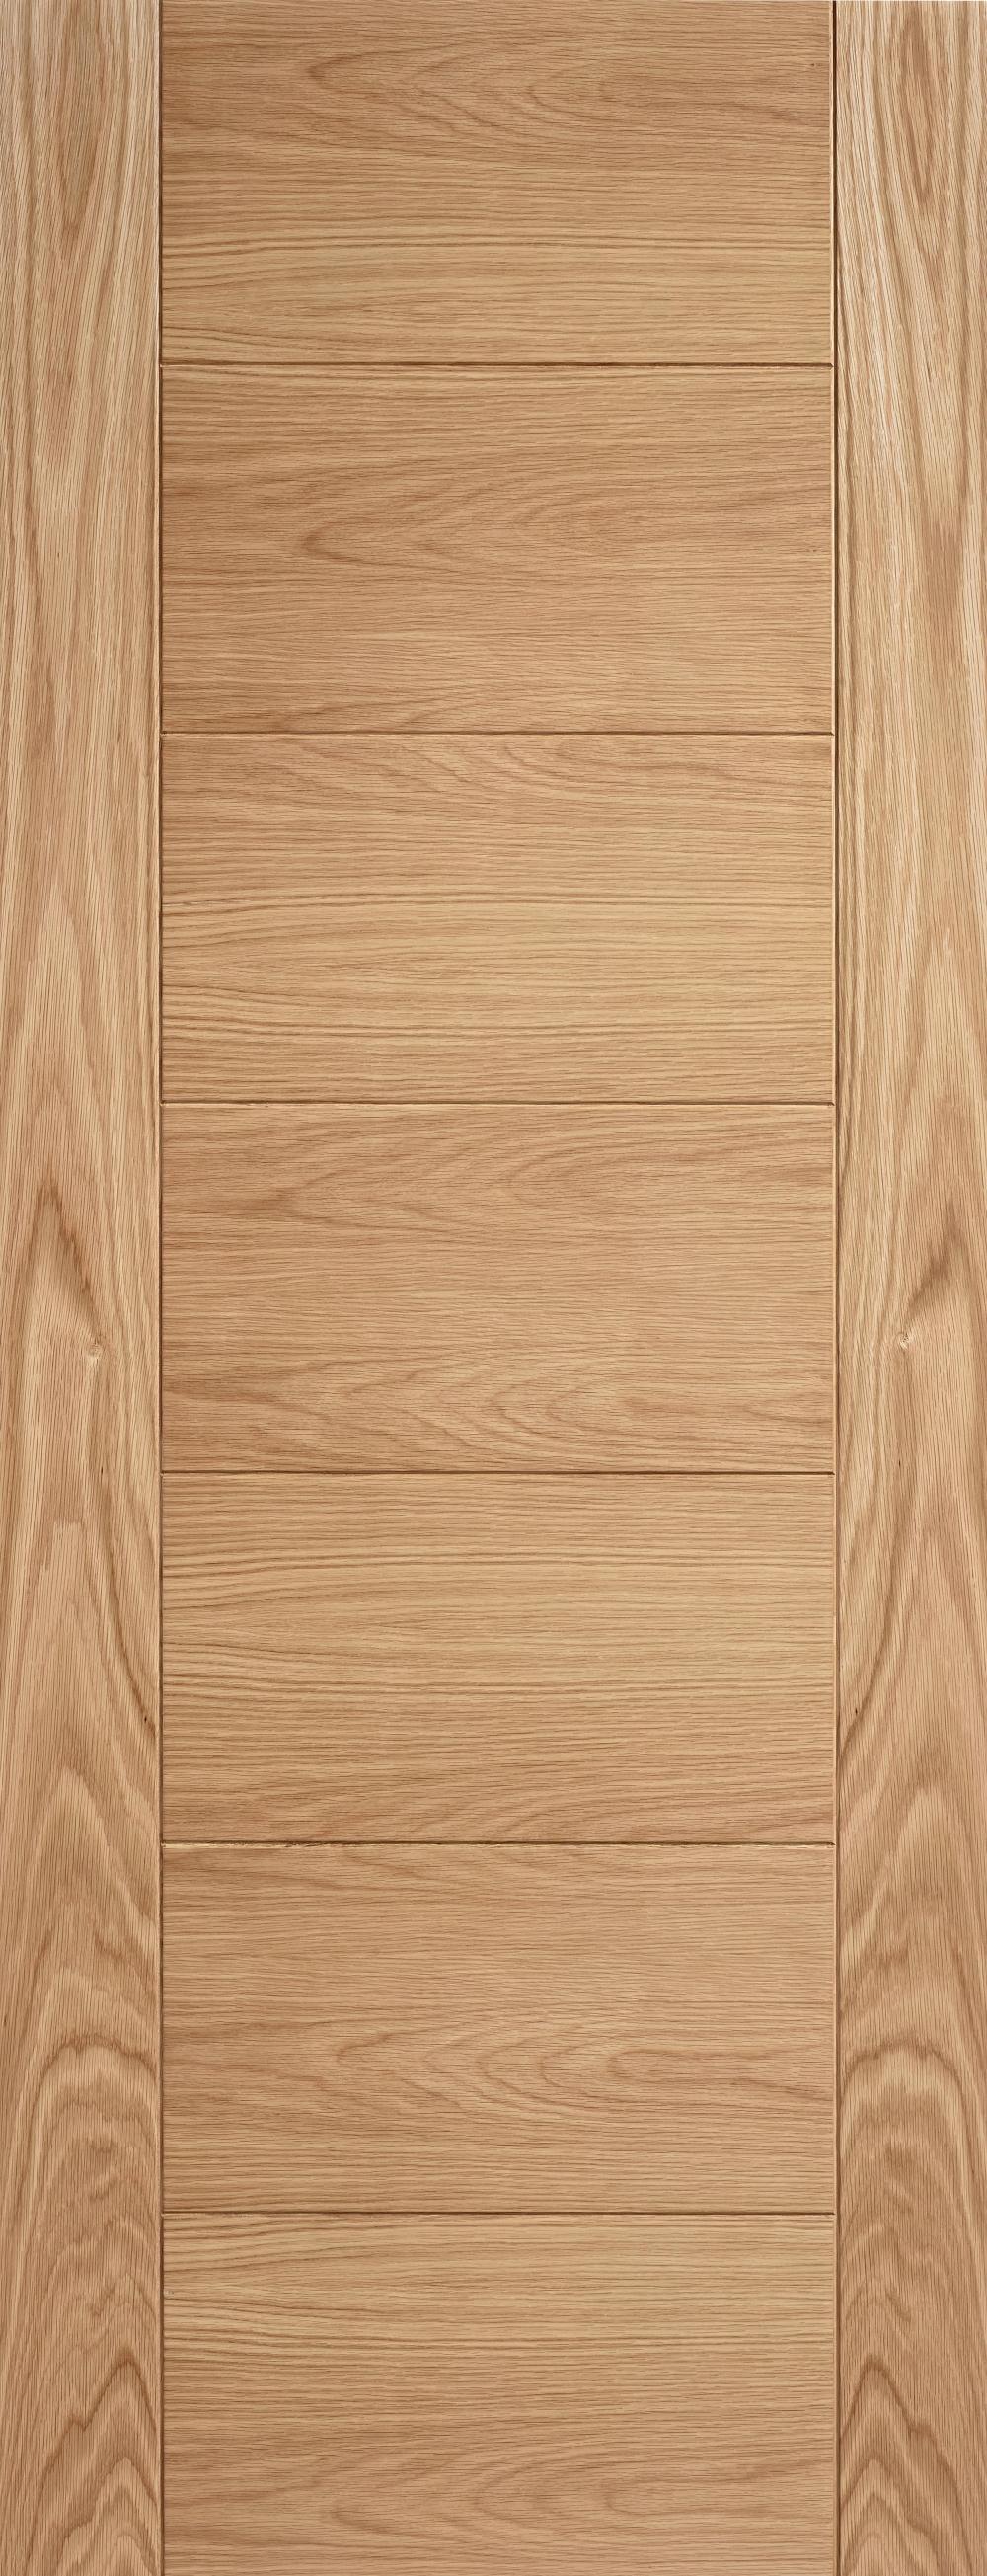 Carini Oak Prefinished